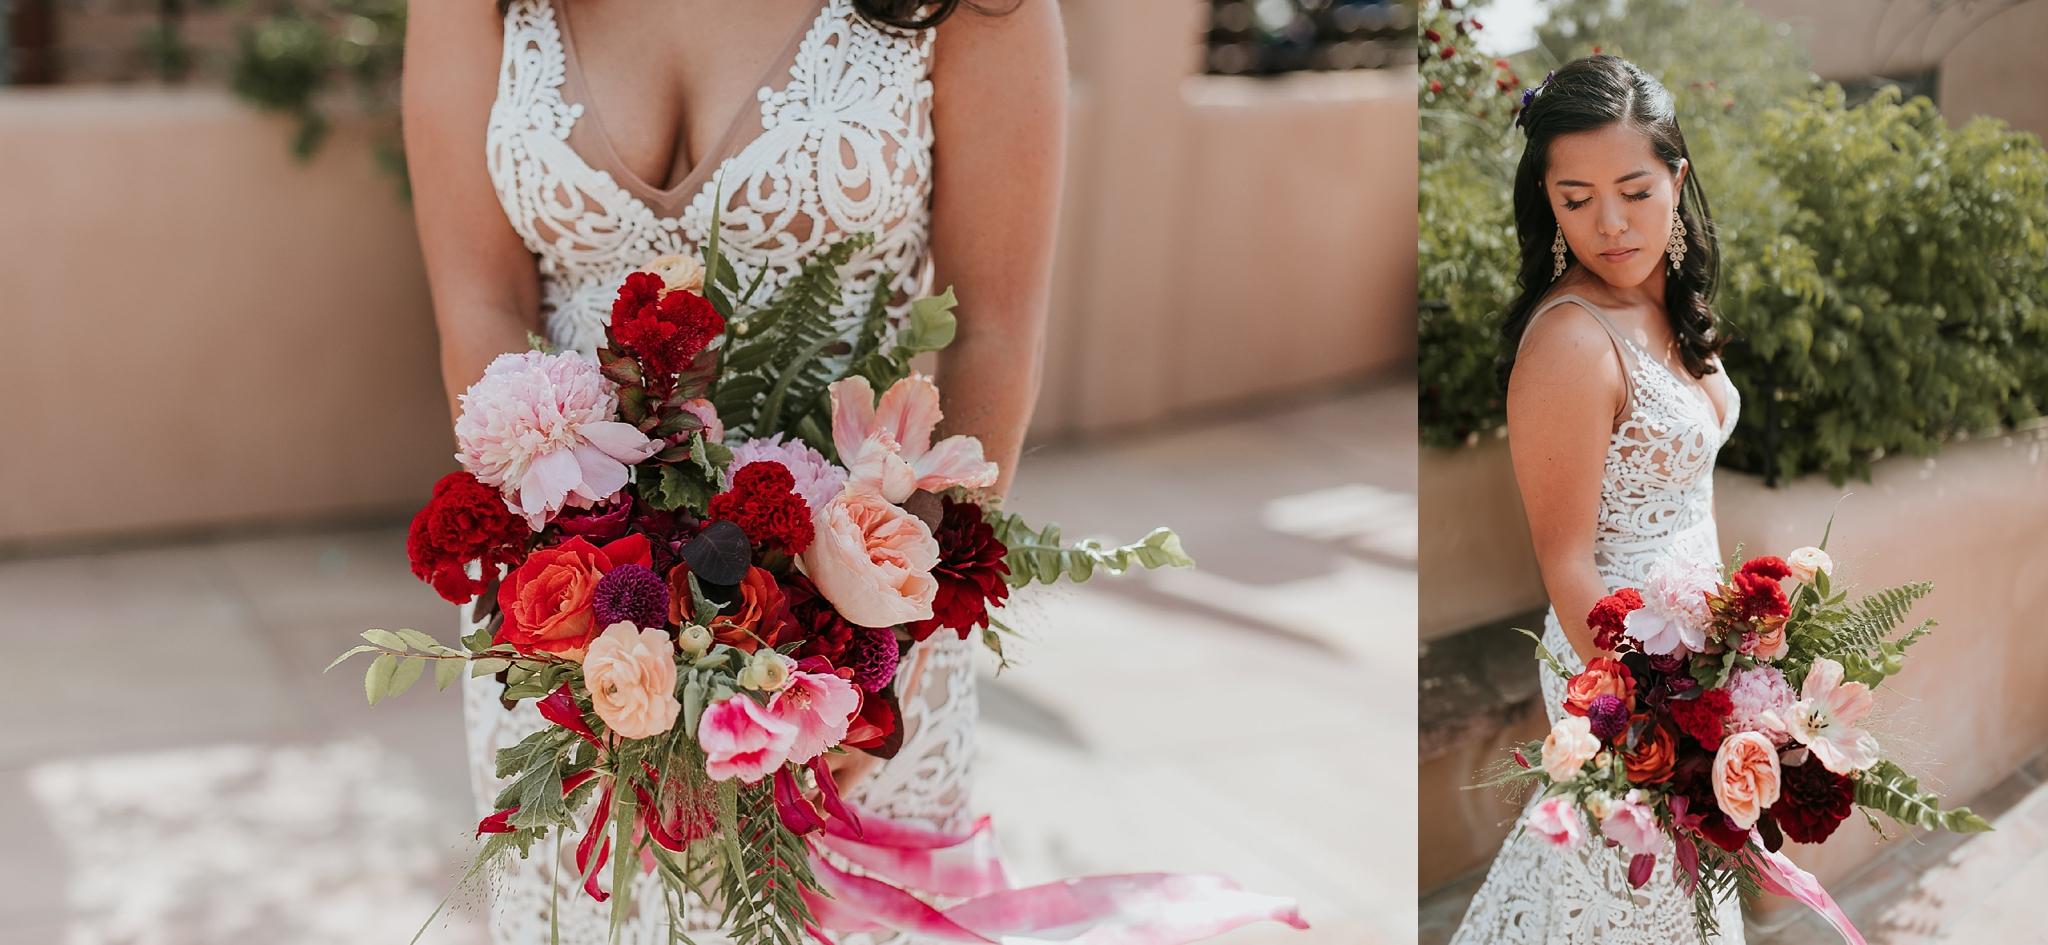 Alicia+lucia+photography+-+albuquerque+wedding+photographer+-+santa+fe+wedding+photography+-+new+mexico+wedding+photographer+-+new+mexico+florist+-+wedding+florist+-+renegade+floral_0029.jpg